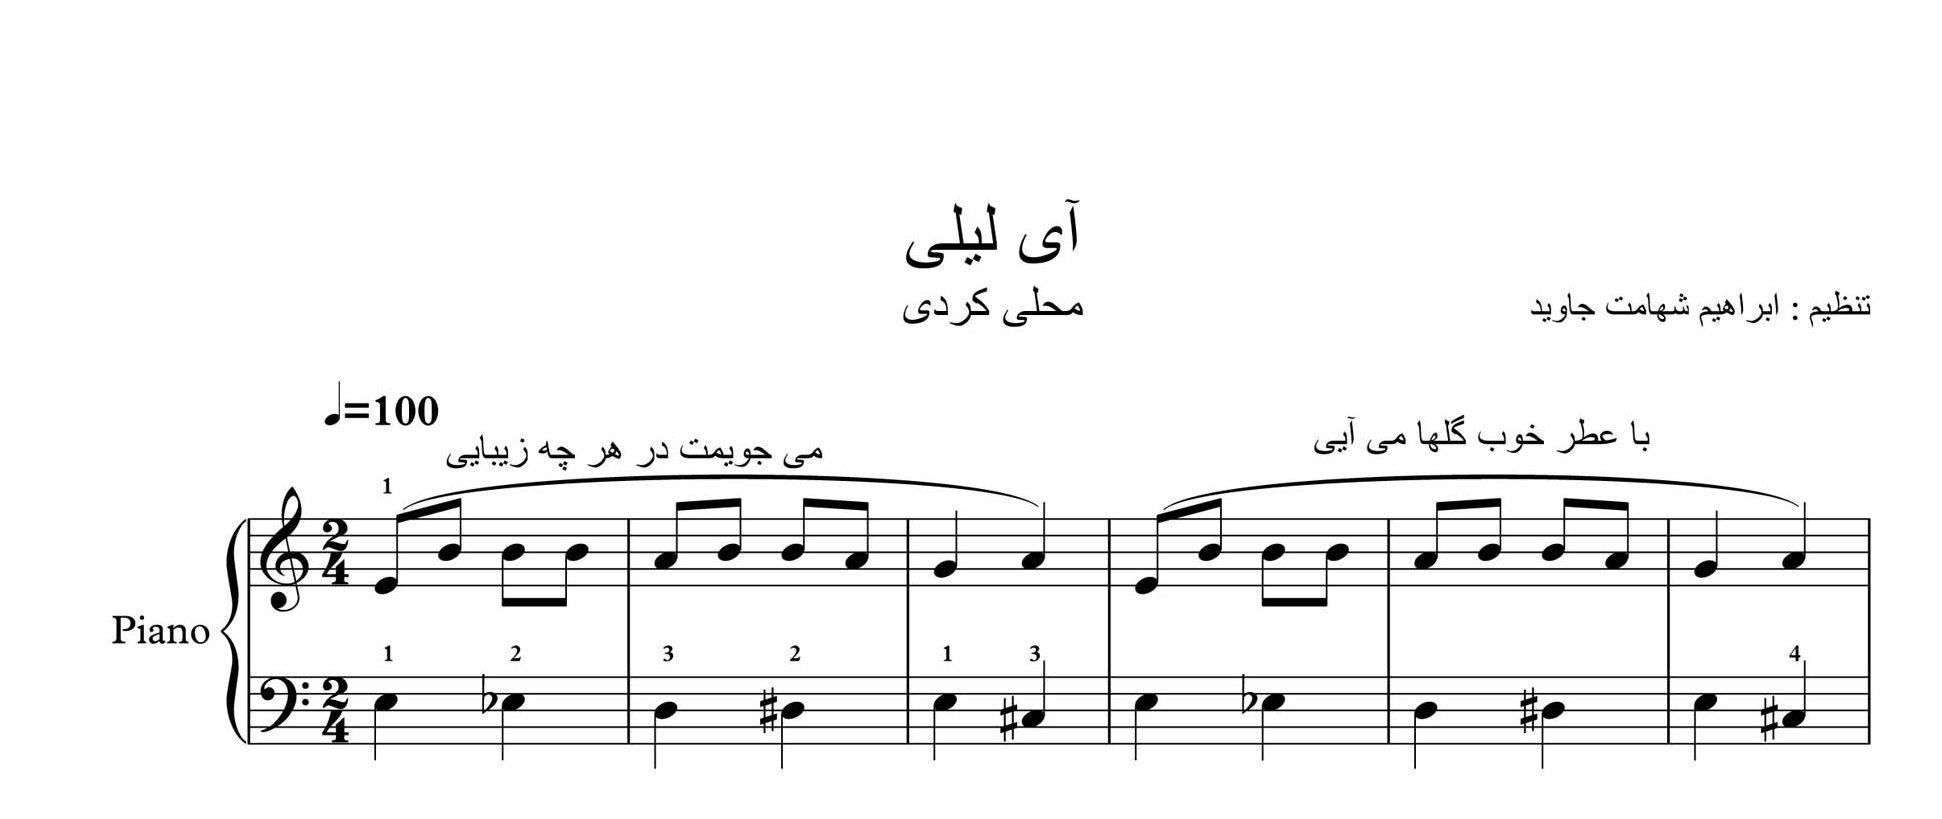 نت پیانوی آی لیلی ساده